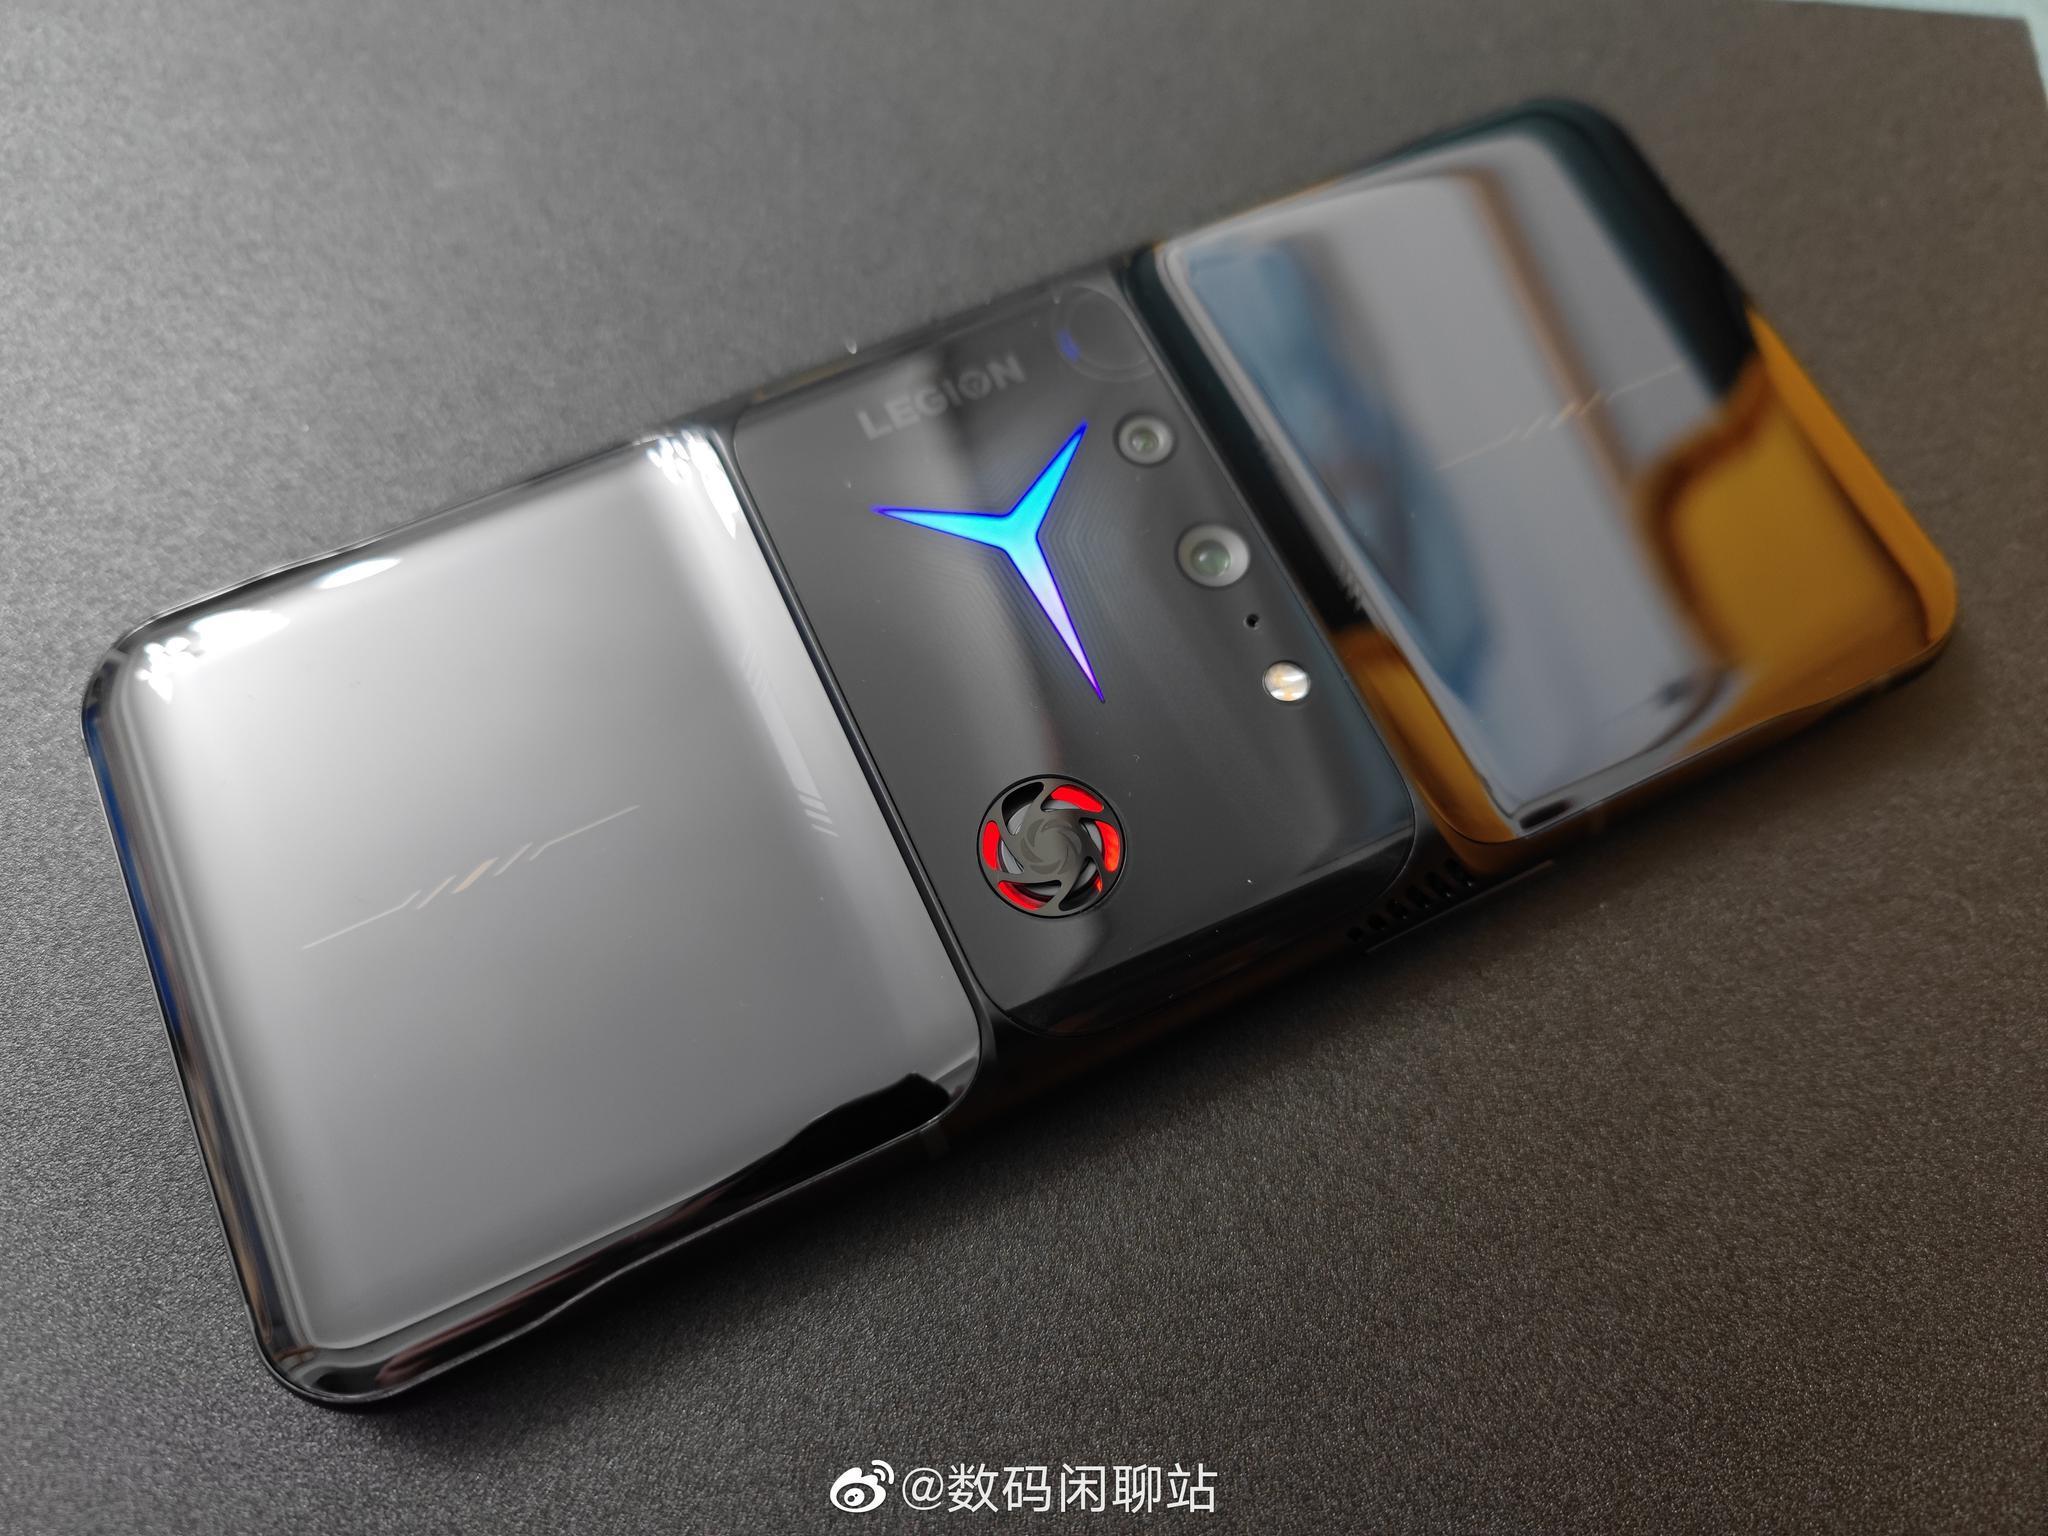 联想拯救者电竞手机2 Pro官方渲染图公布:镜头中置,自带风扇